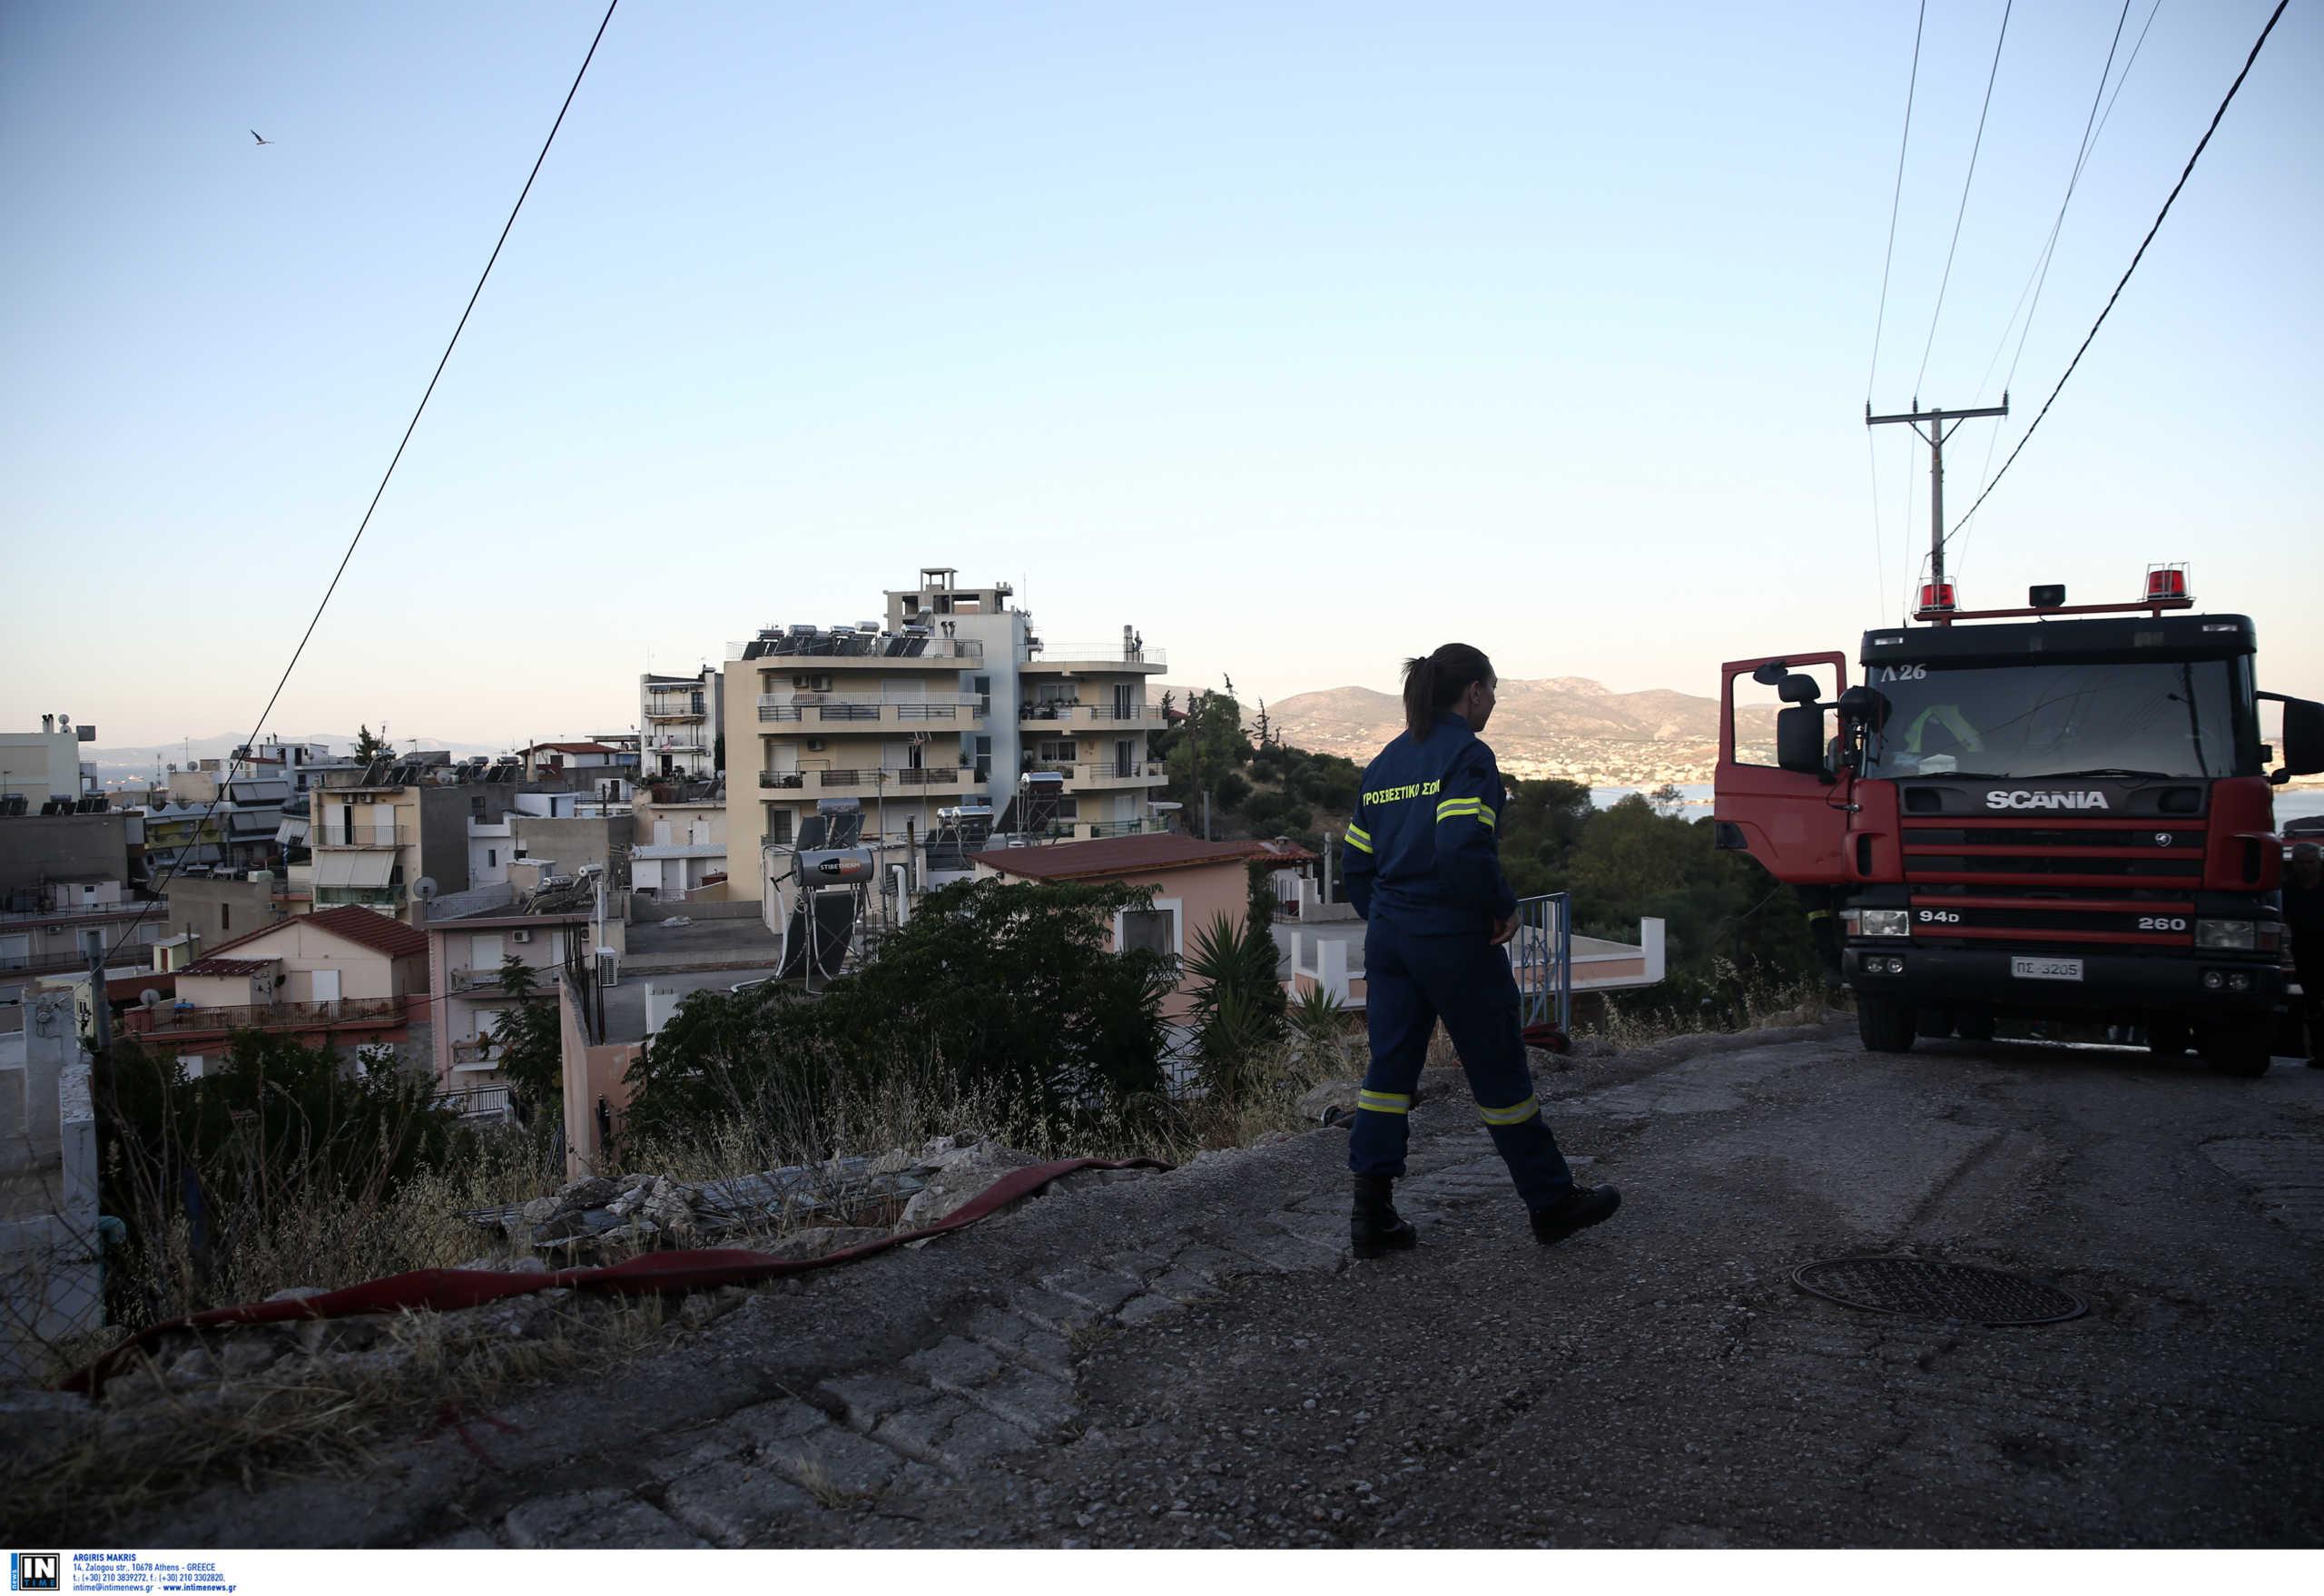 Σύλληψη ενός 20χρονου για εμπρησμό από αμέλεια στο Πέραμα – Οριοθετήθηκε η φωτιά